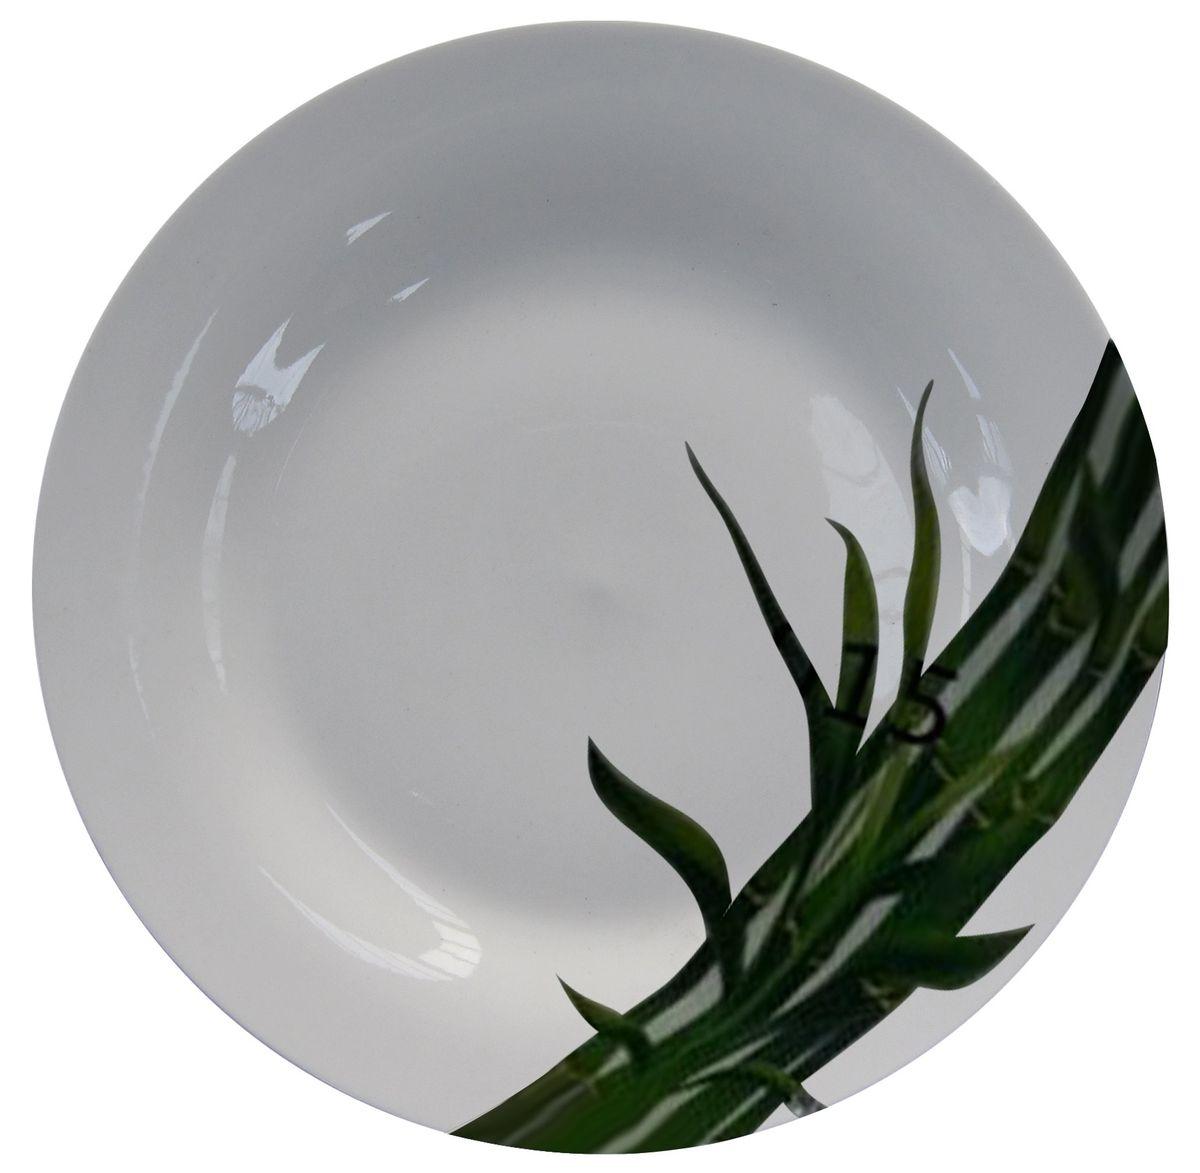 Тарелка МФК-профит Бамбук, диаметр 18 смMFK09016Тарелка МФК-профит, изготовленная из стеклокерамики, украшена ярким рисунком. Изящный дизайн придется по вкусу и ценителям классики, и тем, кто предпочитает утонченность.Такая тарелка идеально подойдет для сервировки стола и станет отличным подарком к любому празднику.